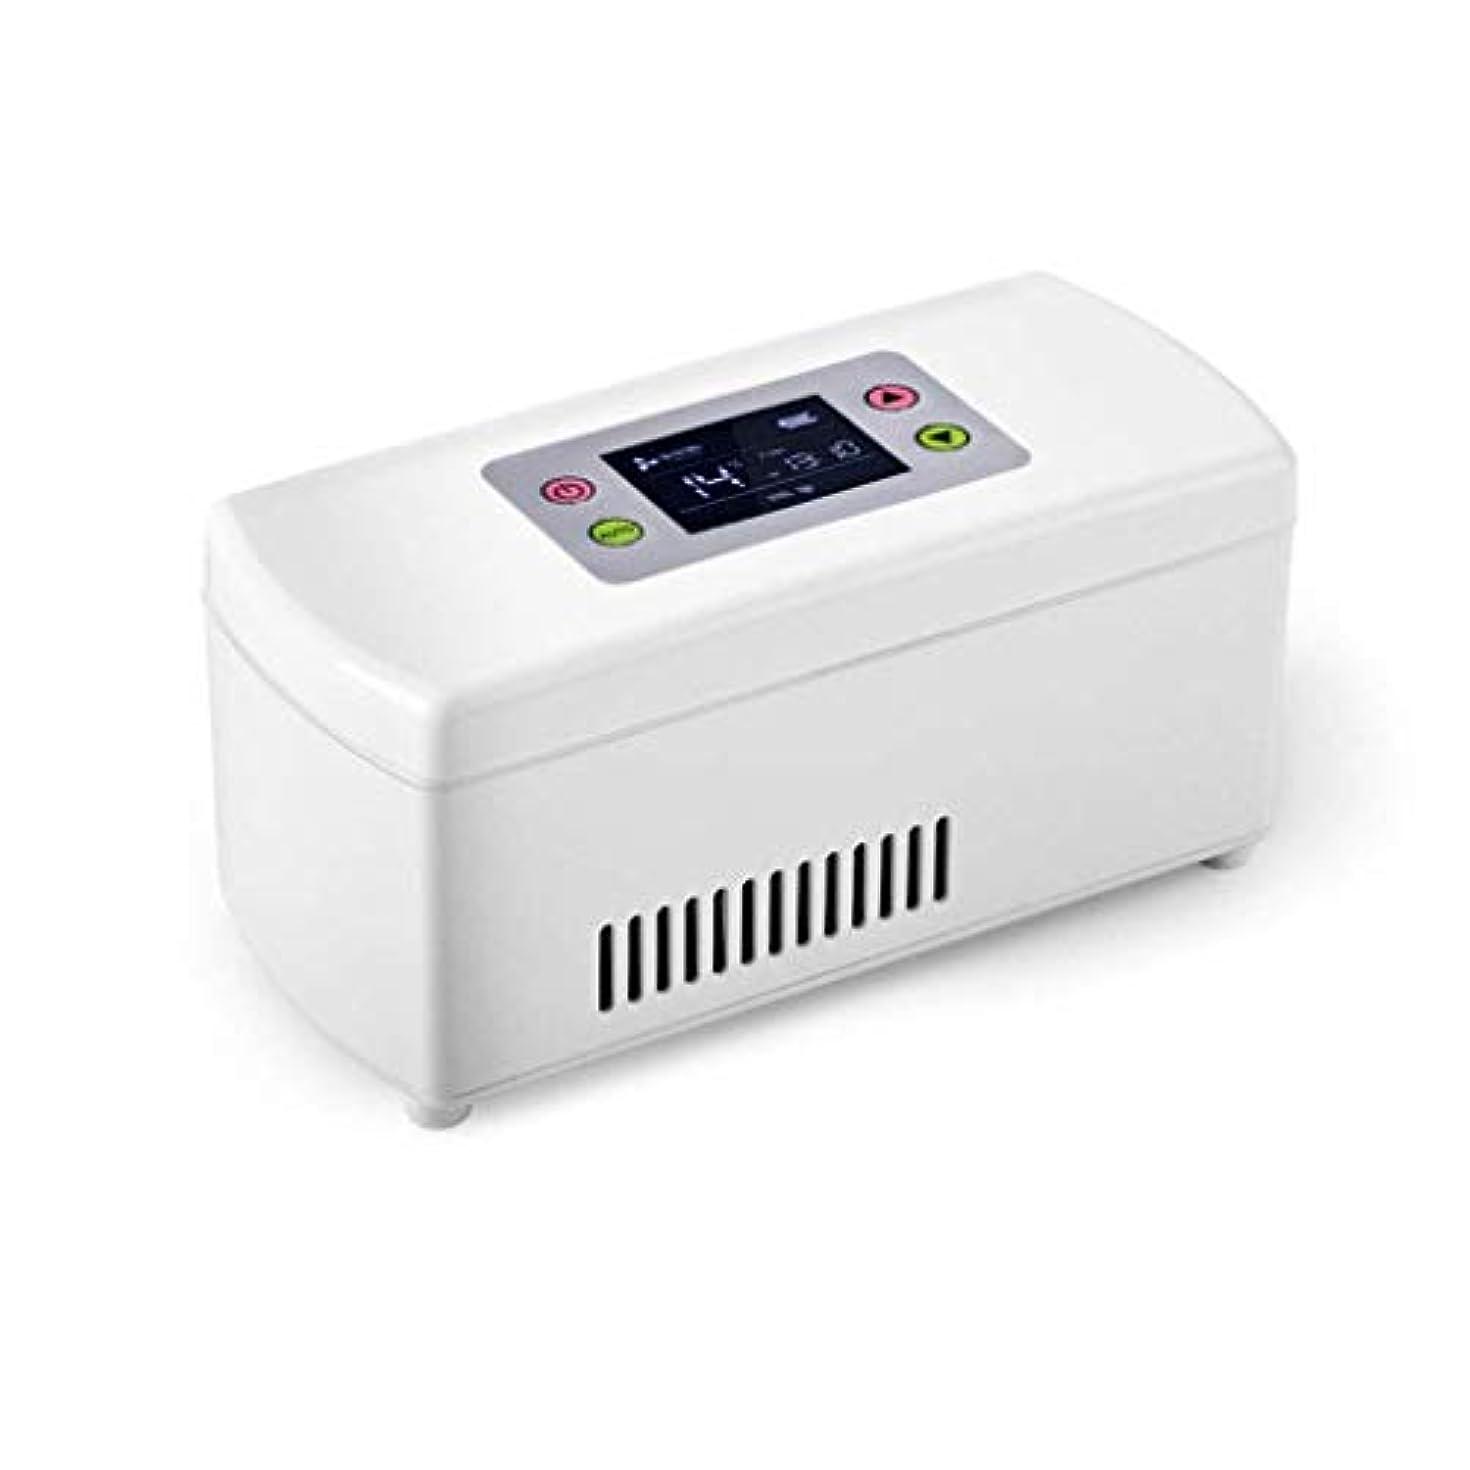 問題複数識別するインスリンクーラー、ポータブルインスリン冷蔵ボックス、ミニドラッグストレージ冷蔵庫、自動車および家庭用の2-8℃のインスリンクーラートラベルケース(WYJJJJJ)